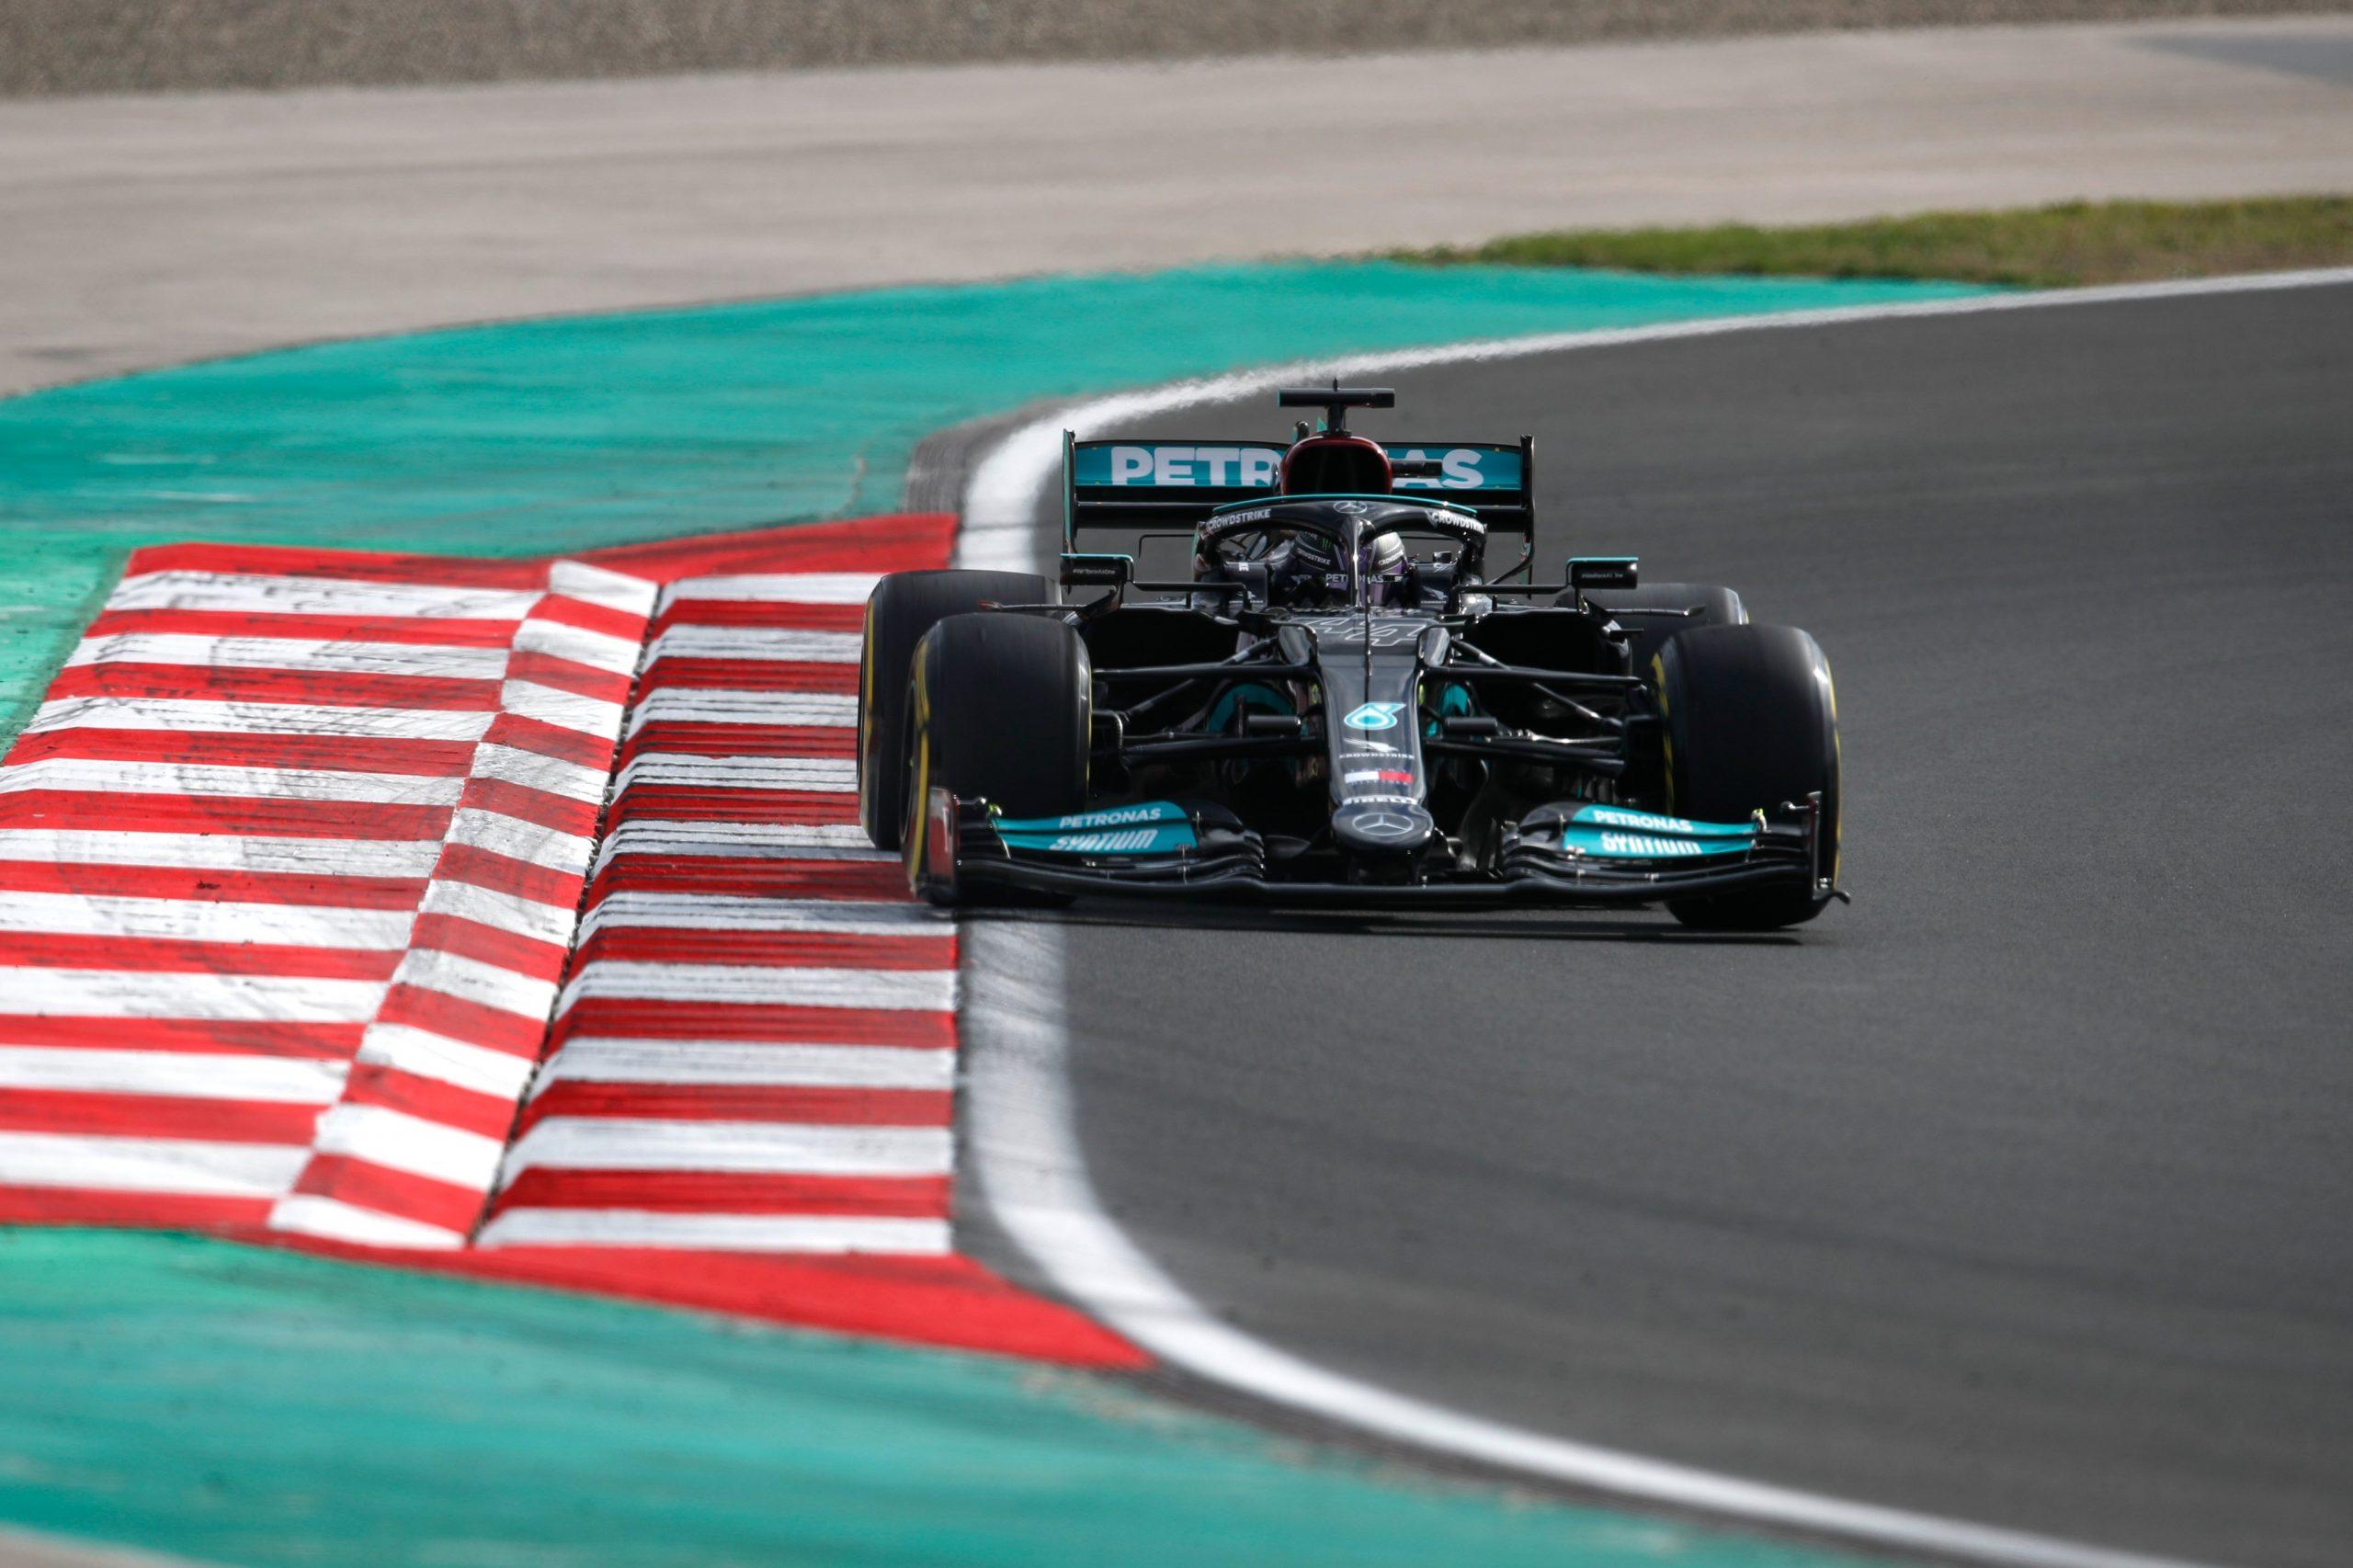 FP2, Gp di Turchia: Hamilton primo, ma Leclerc sorprende con la seconda posizione.